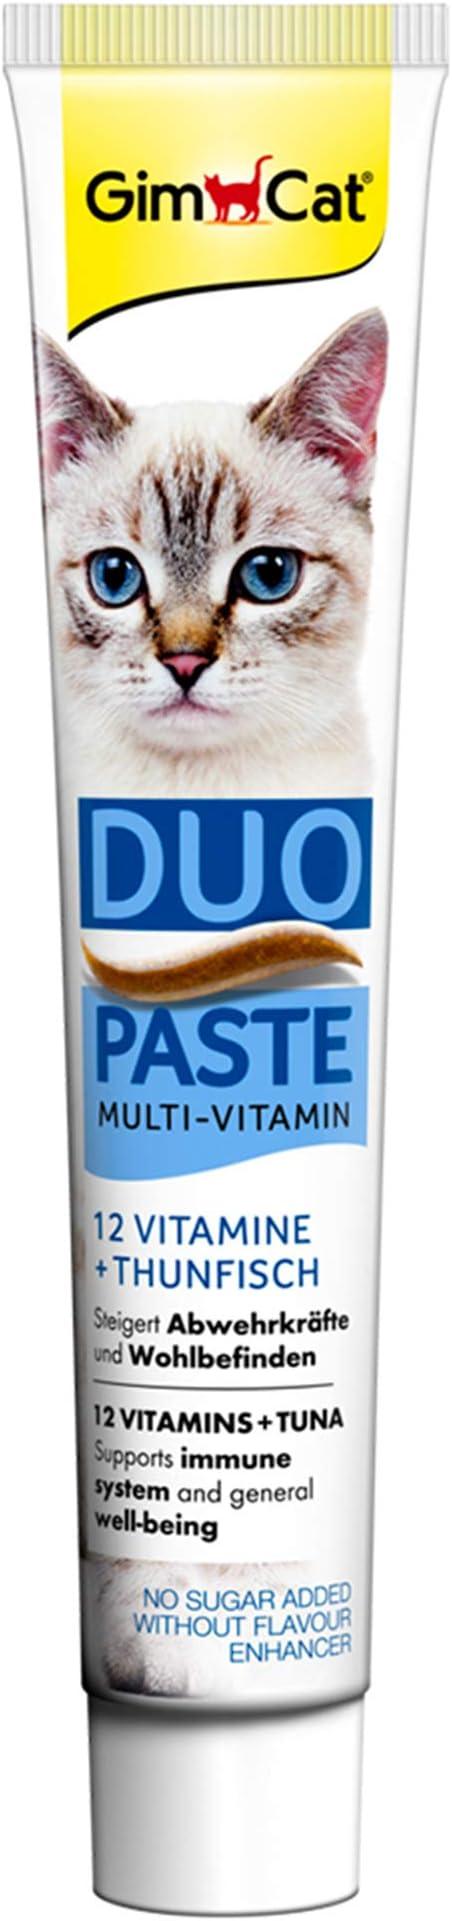 GimCat – Dúo multivitamínico en Pasta | 12 valiosas vitaminas Que fortalecen el Sistema inmunológico, sin azúcar añadido: Amazon.es: Productos para mascotas